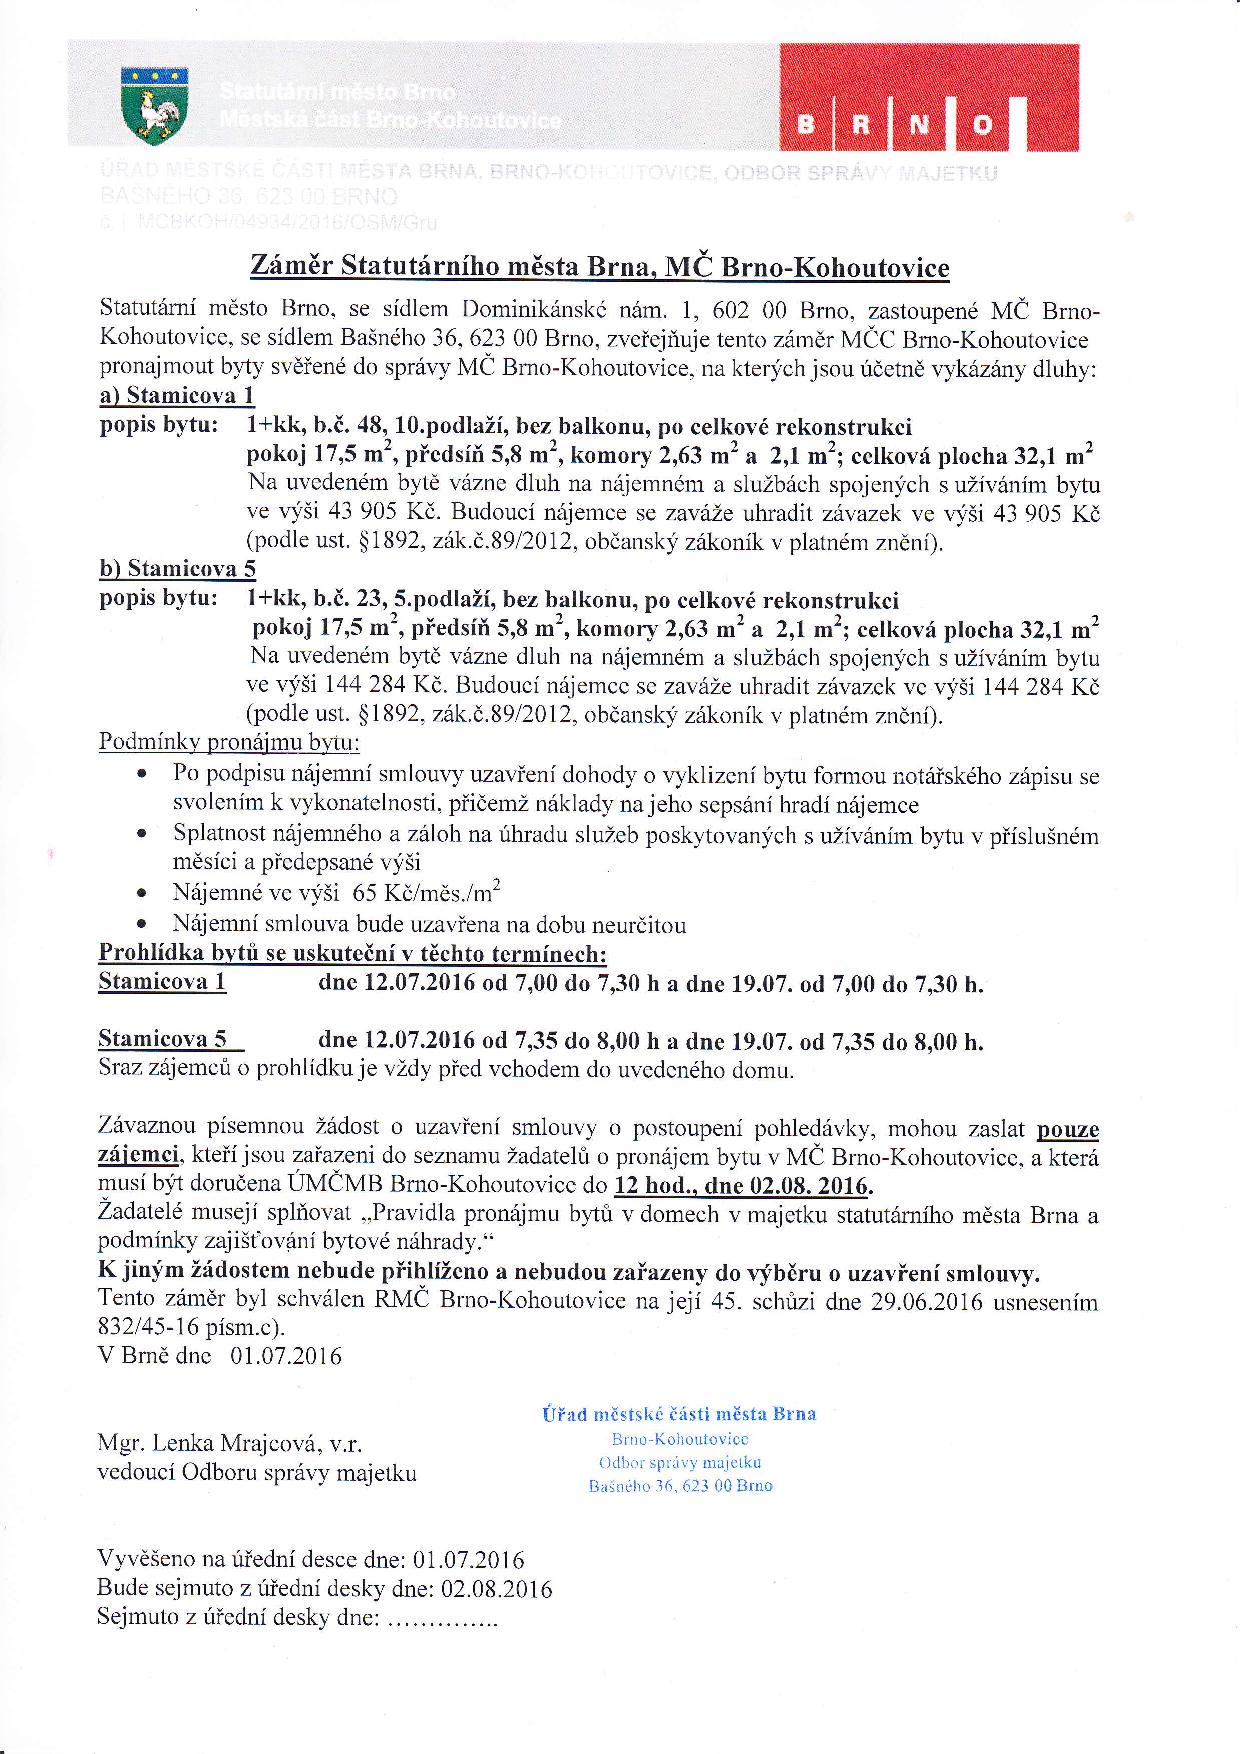 záměr obce - byty-stamicova-5-1-brno-kohoutovice-mojekohoutovice